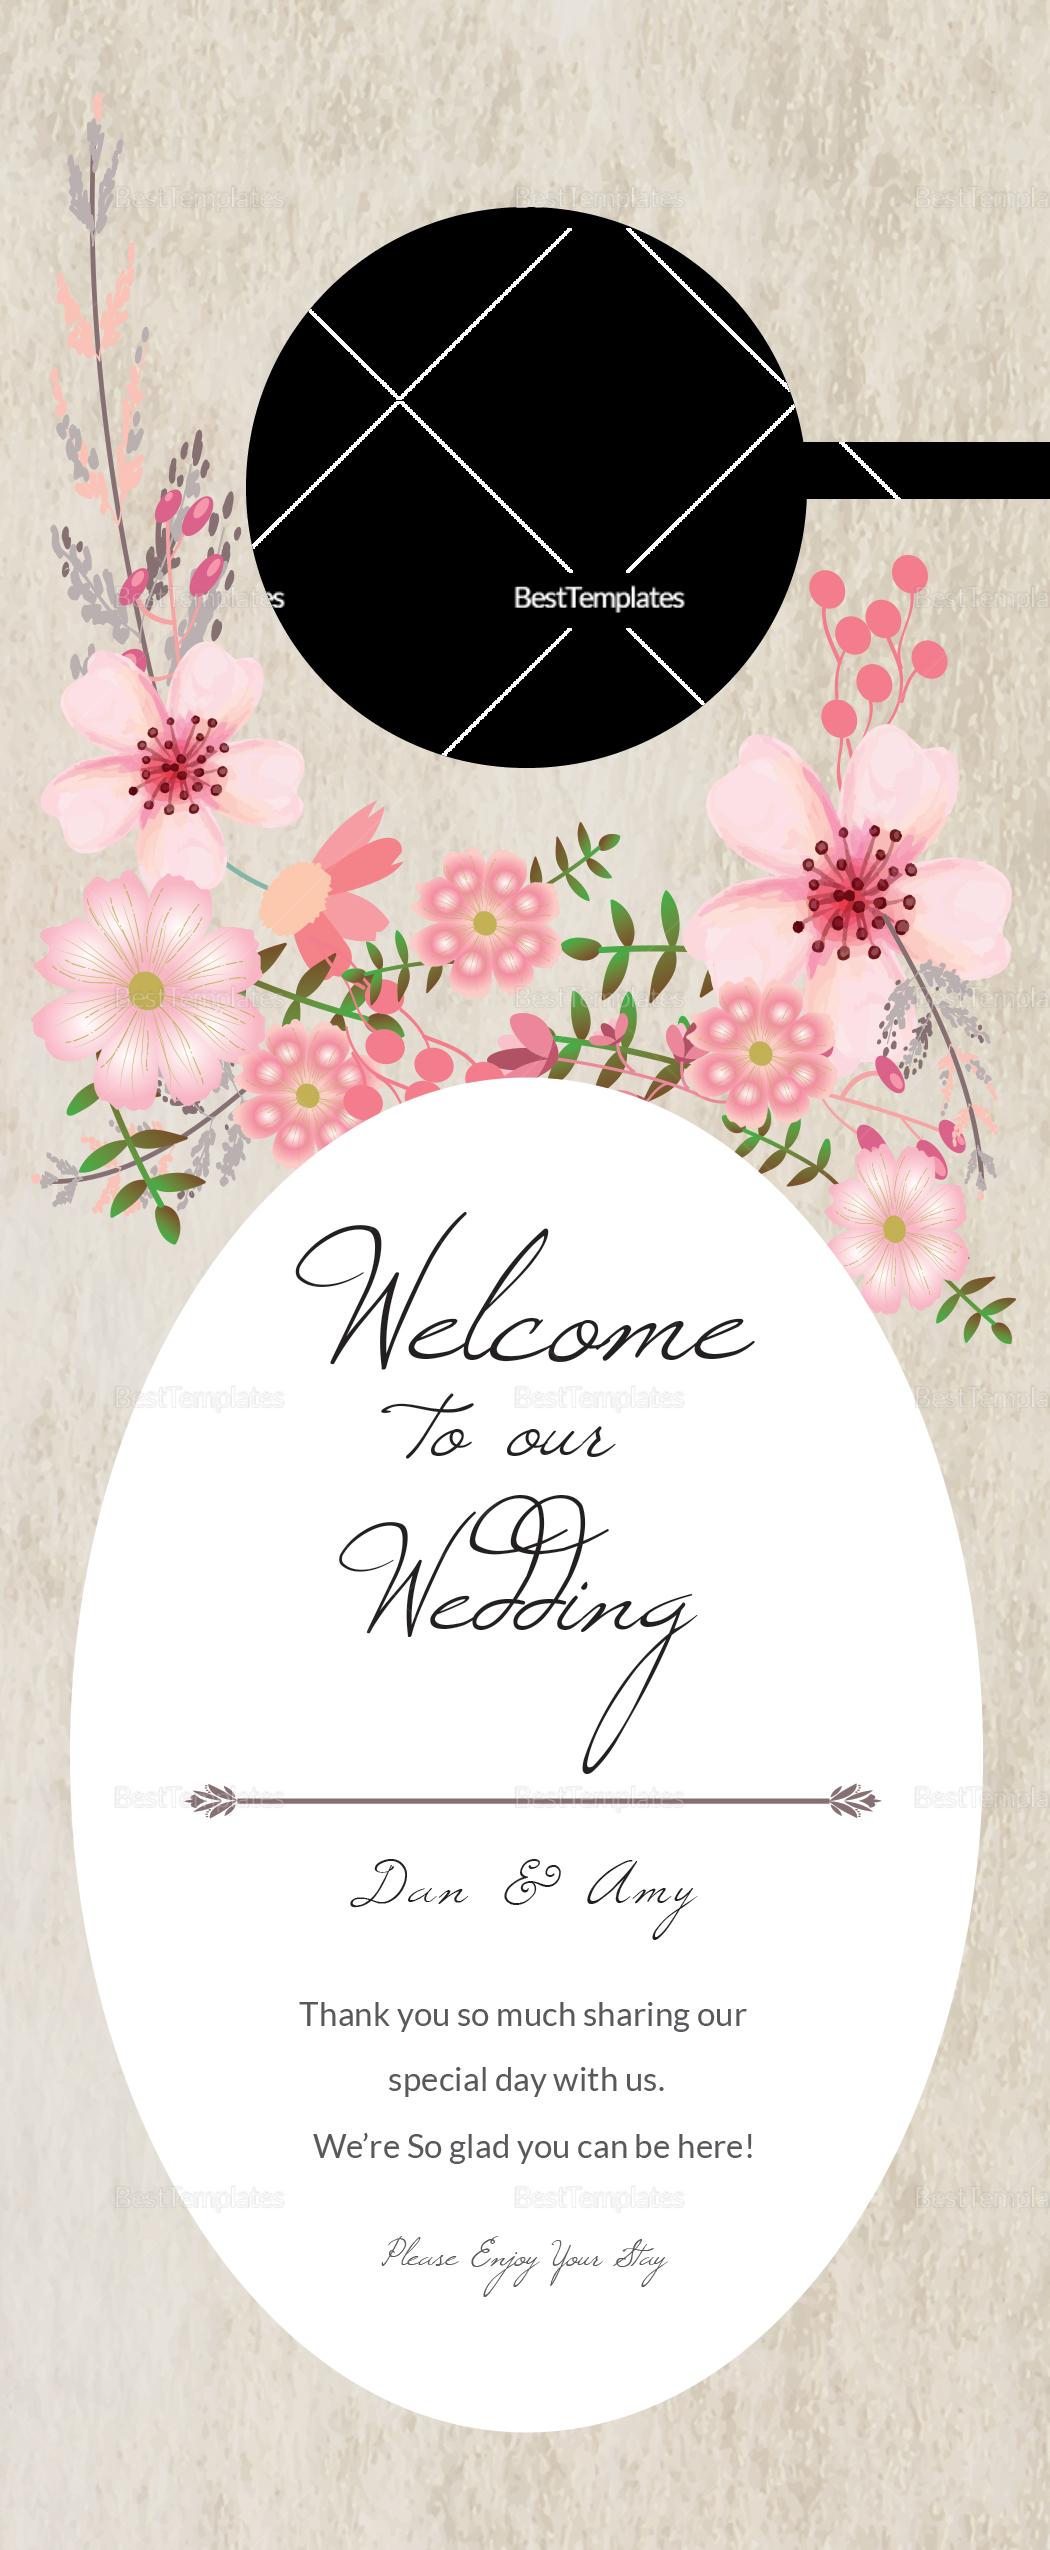 pink floral wedding door hanger design template in psd